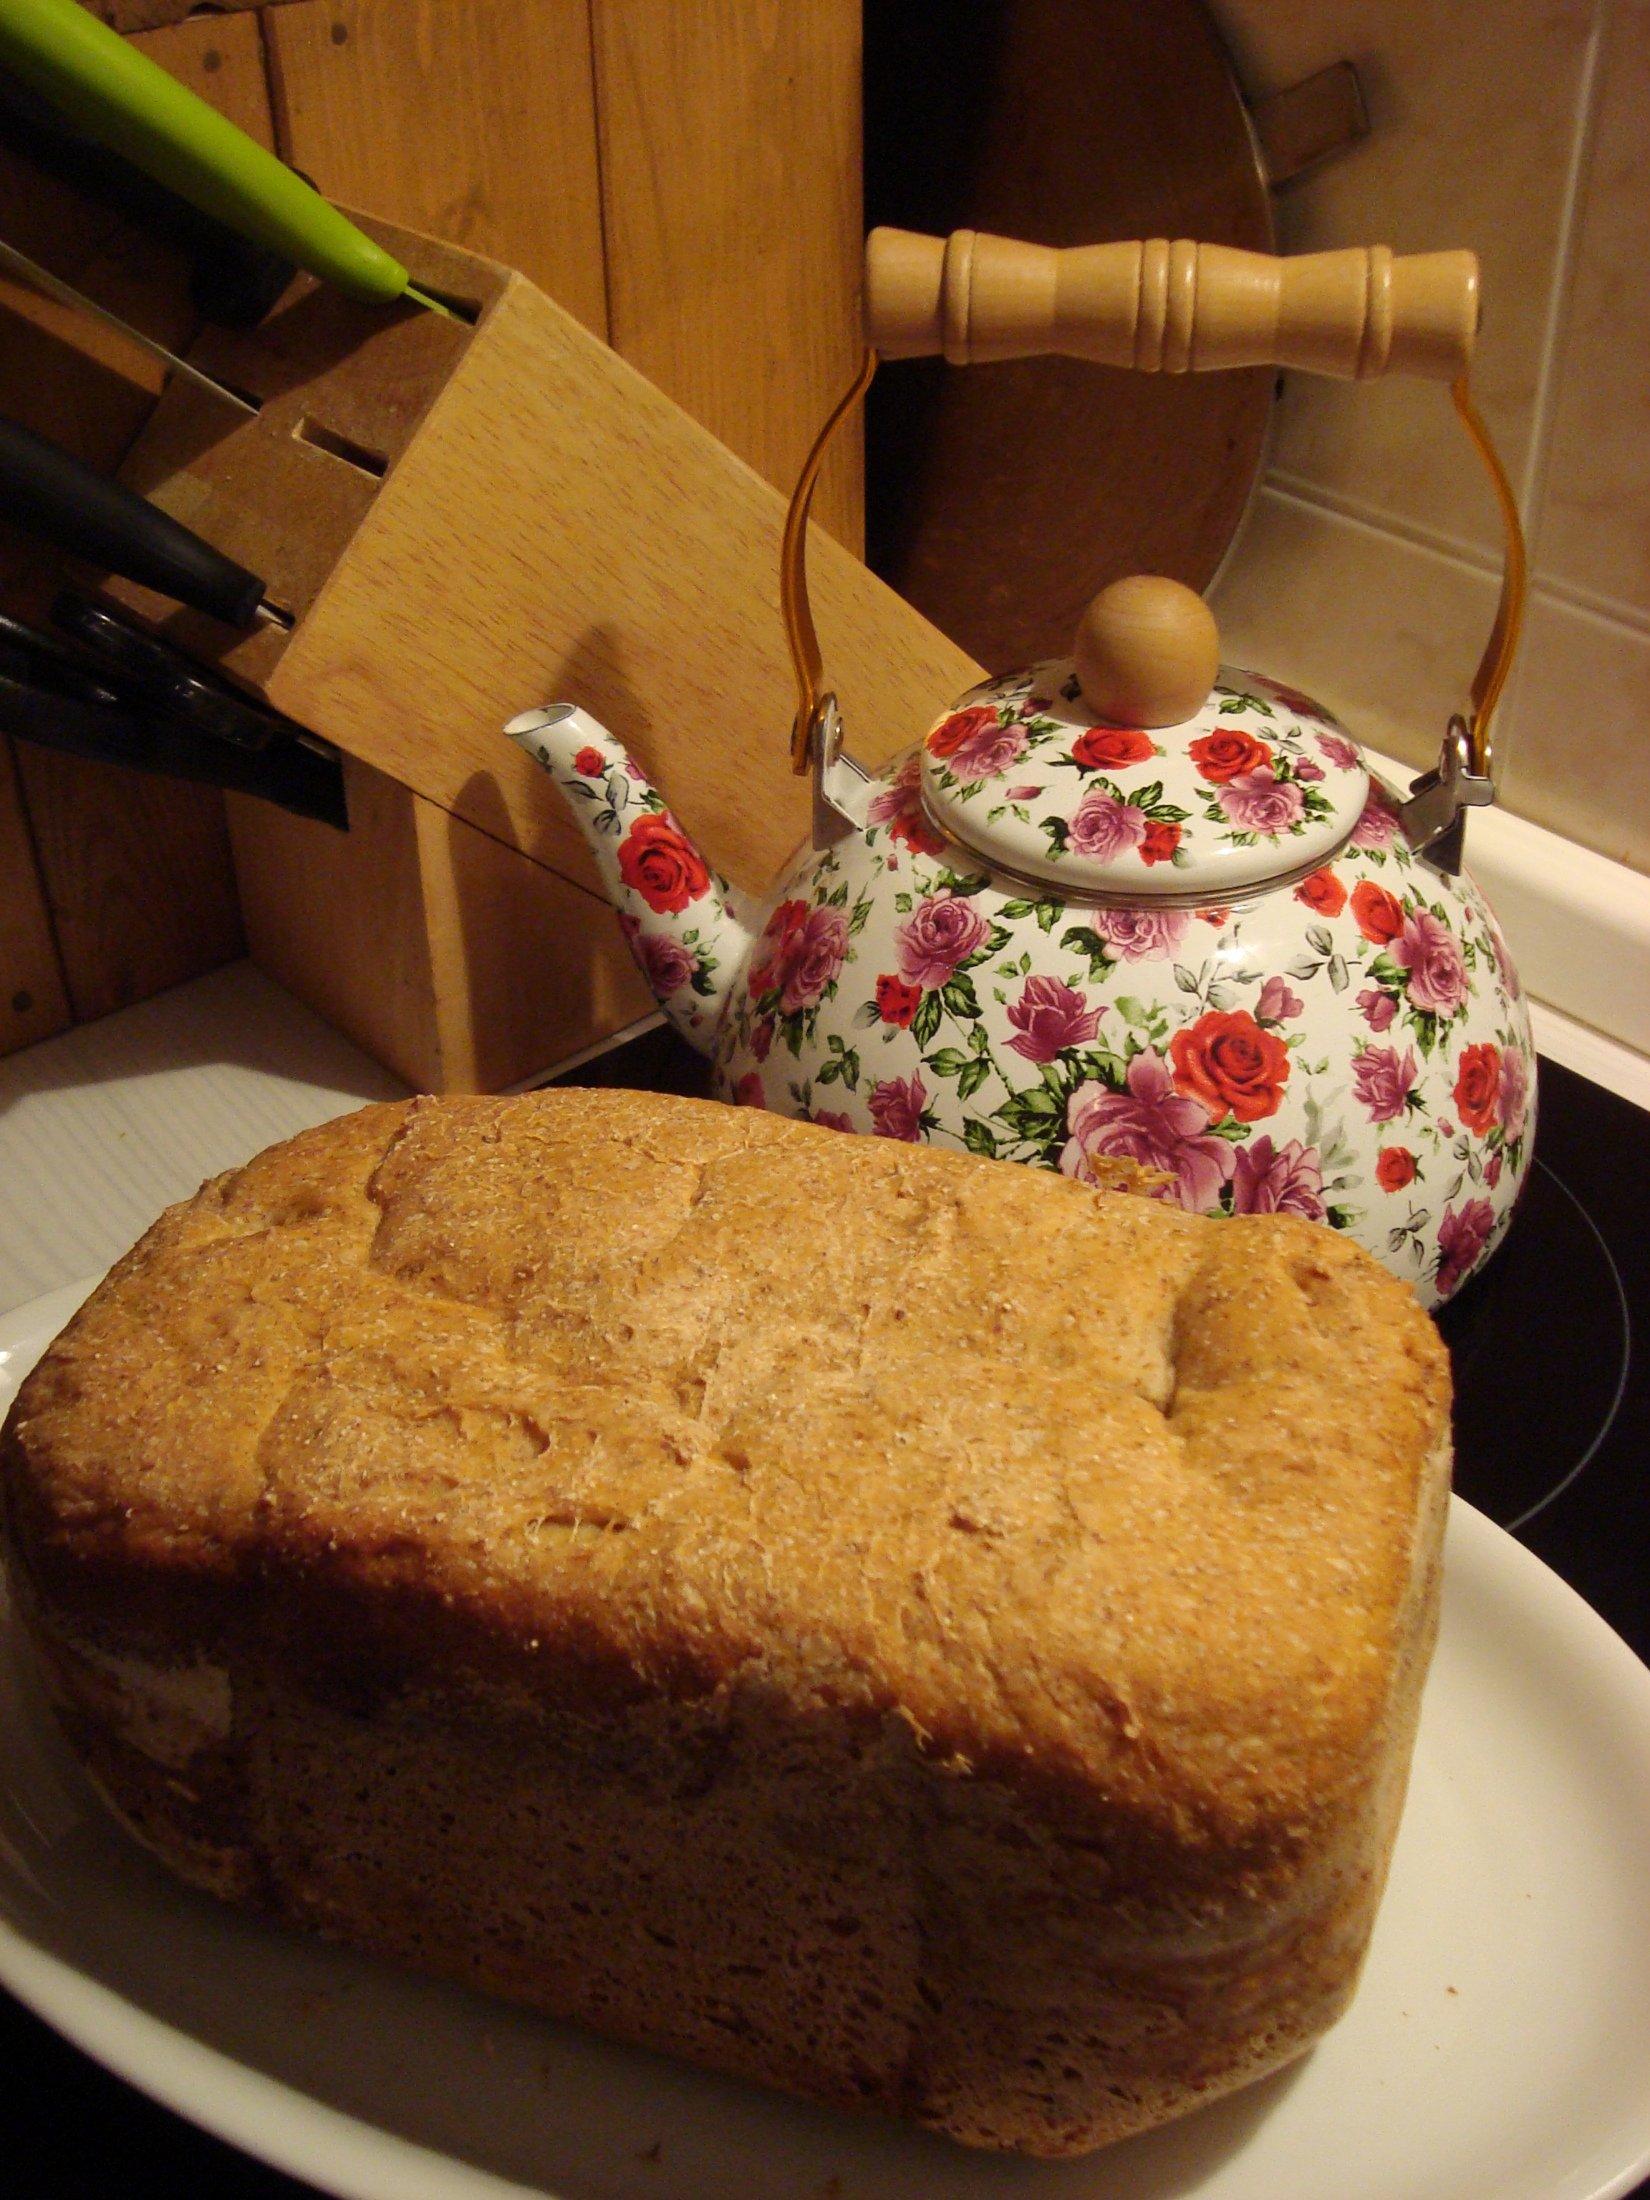 Žitno-pšeničný chléb z domácí pekárny